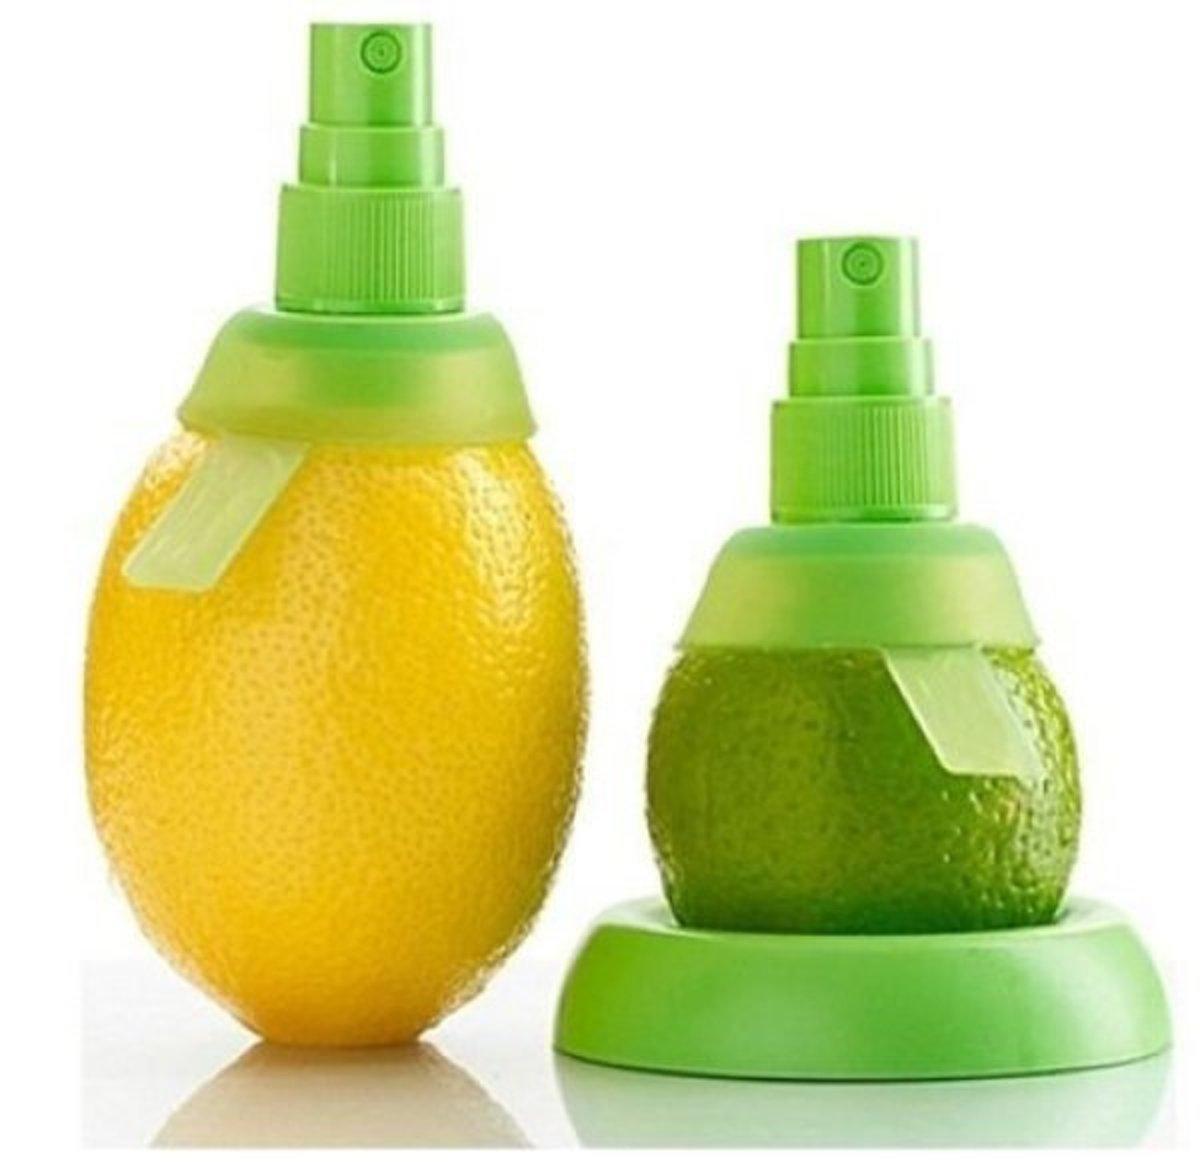 Bekend van TV – BPA-vrij Citrusspray Citruspers - spray citruspers - citrusfruit – keukenhulpjes – 2 stuks kopen